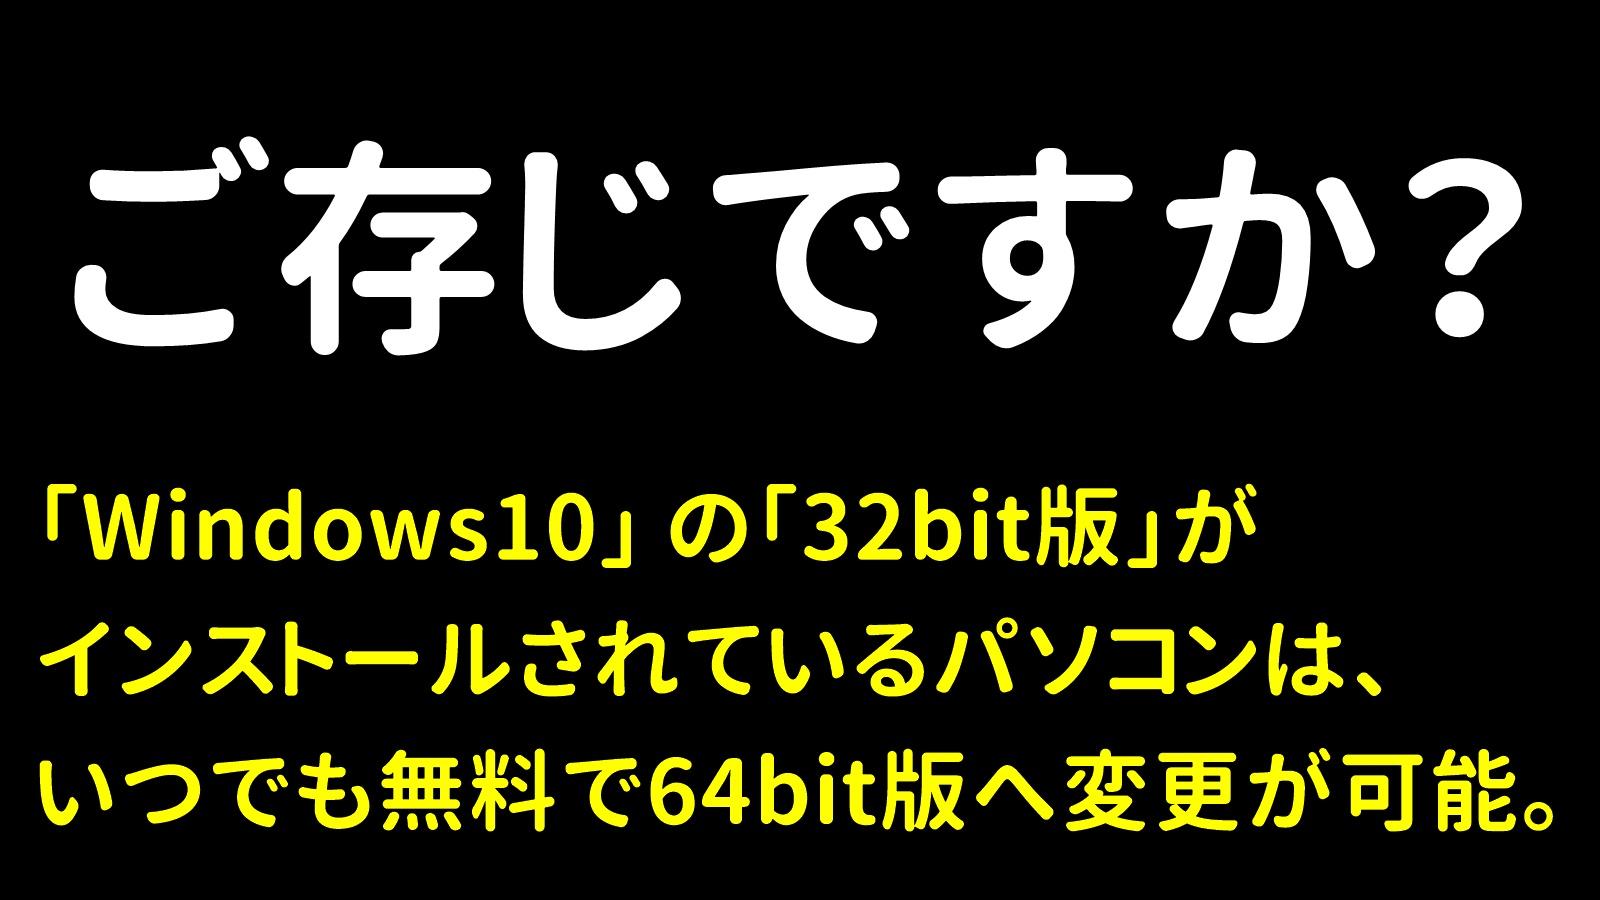 Windows10の古い32ビットOSを64ビットへ無料で変更